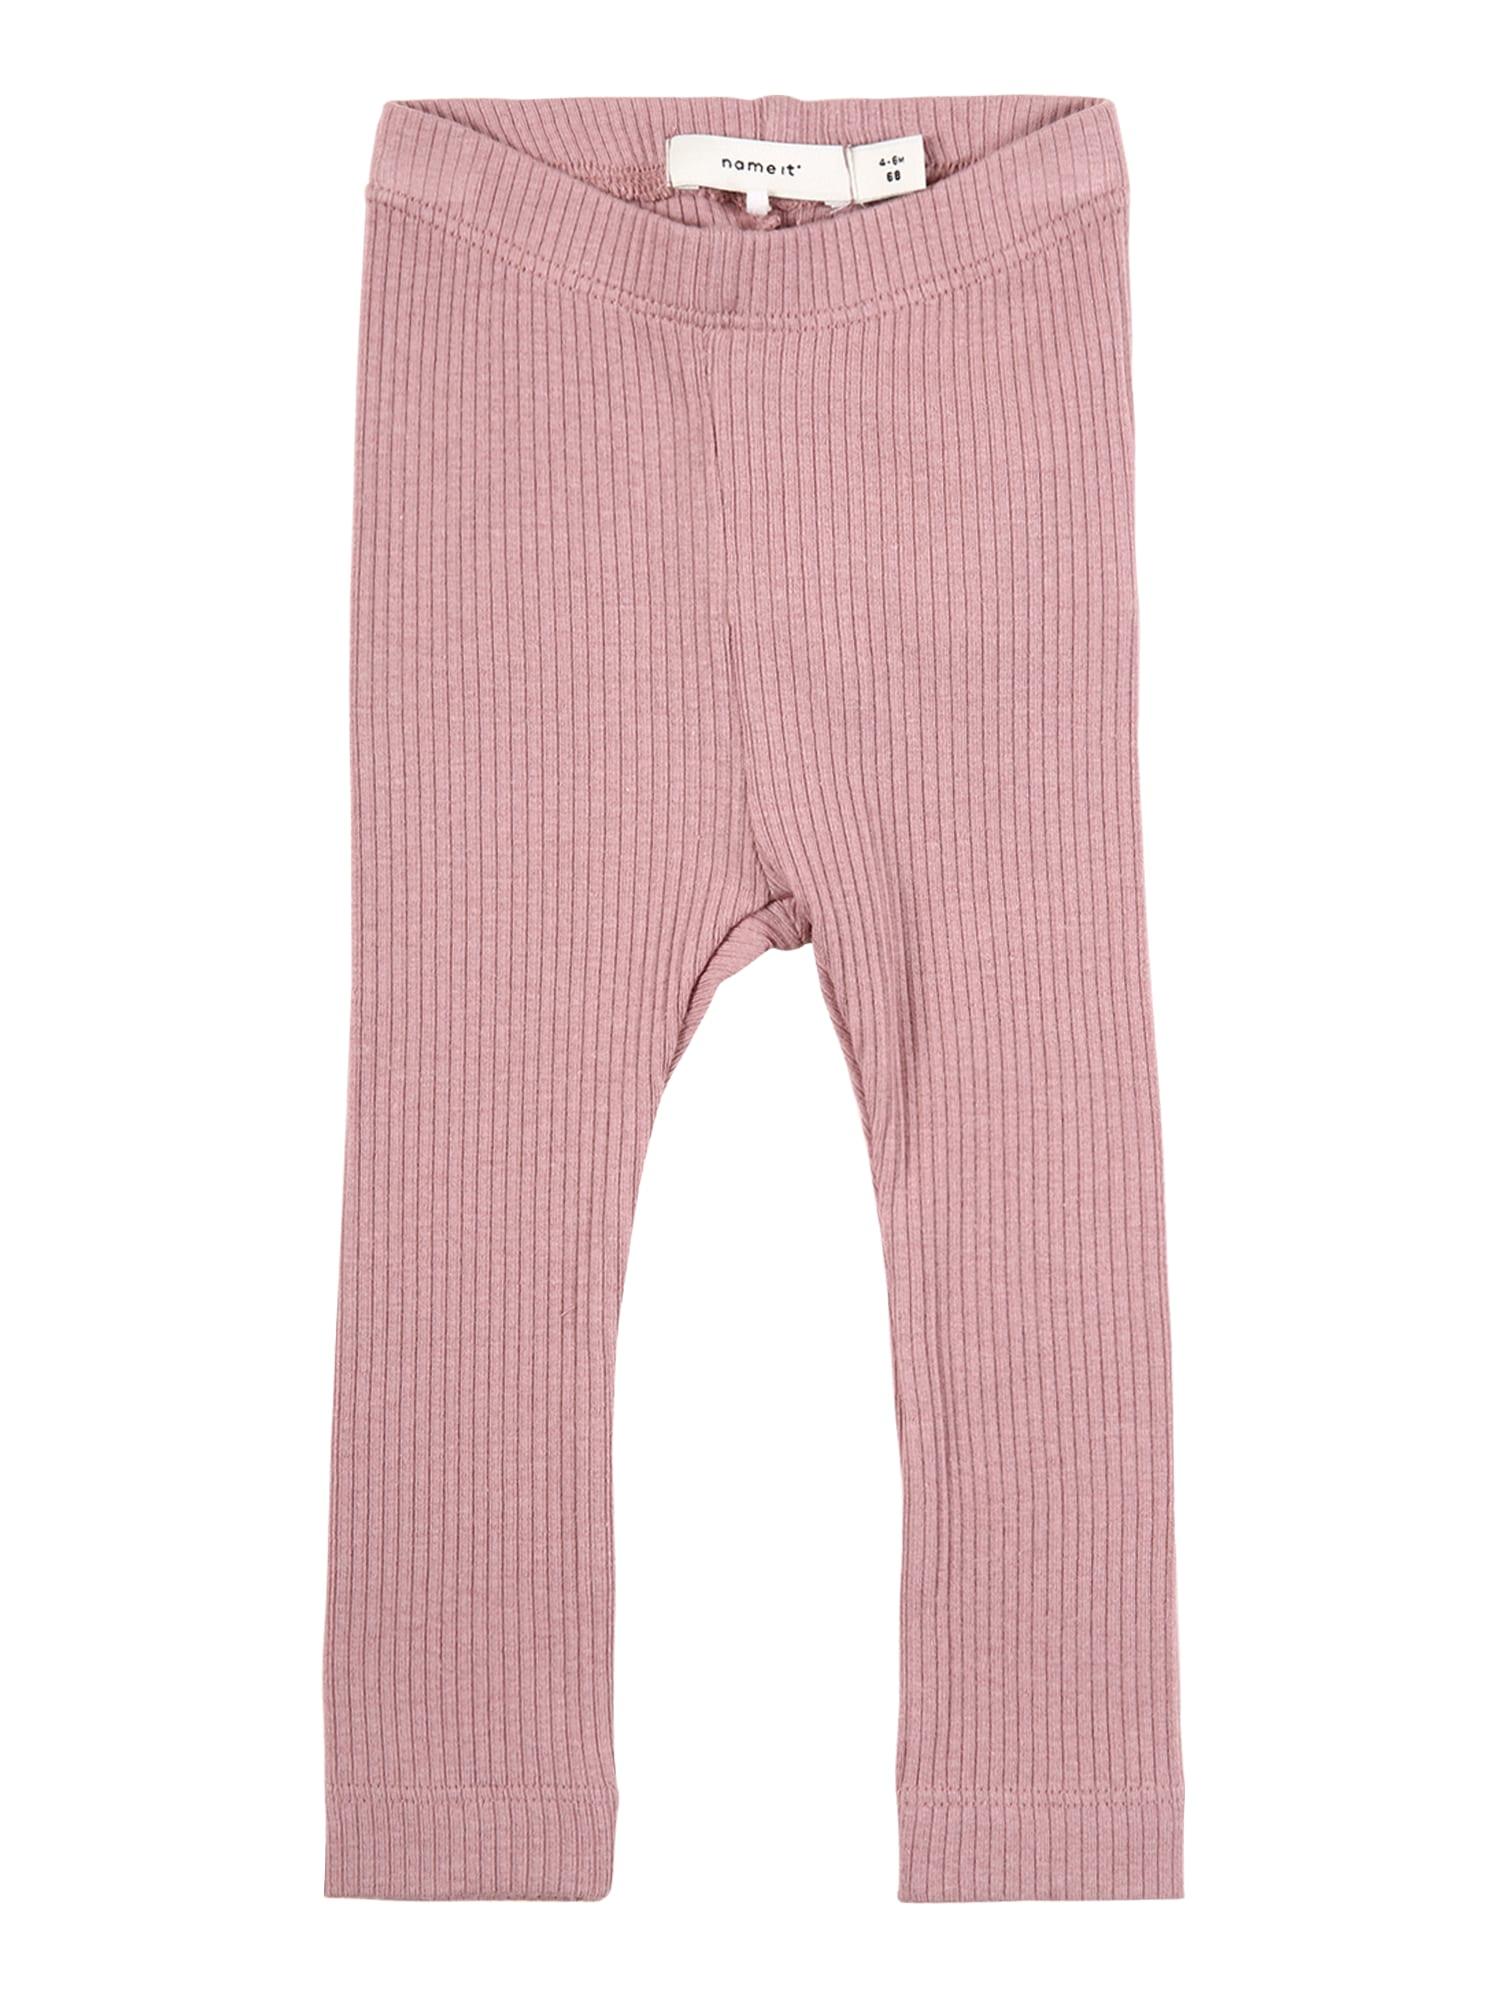 NAME IT Tamprės 'KABEX' ryškiai rožinė spalva